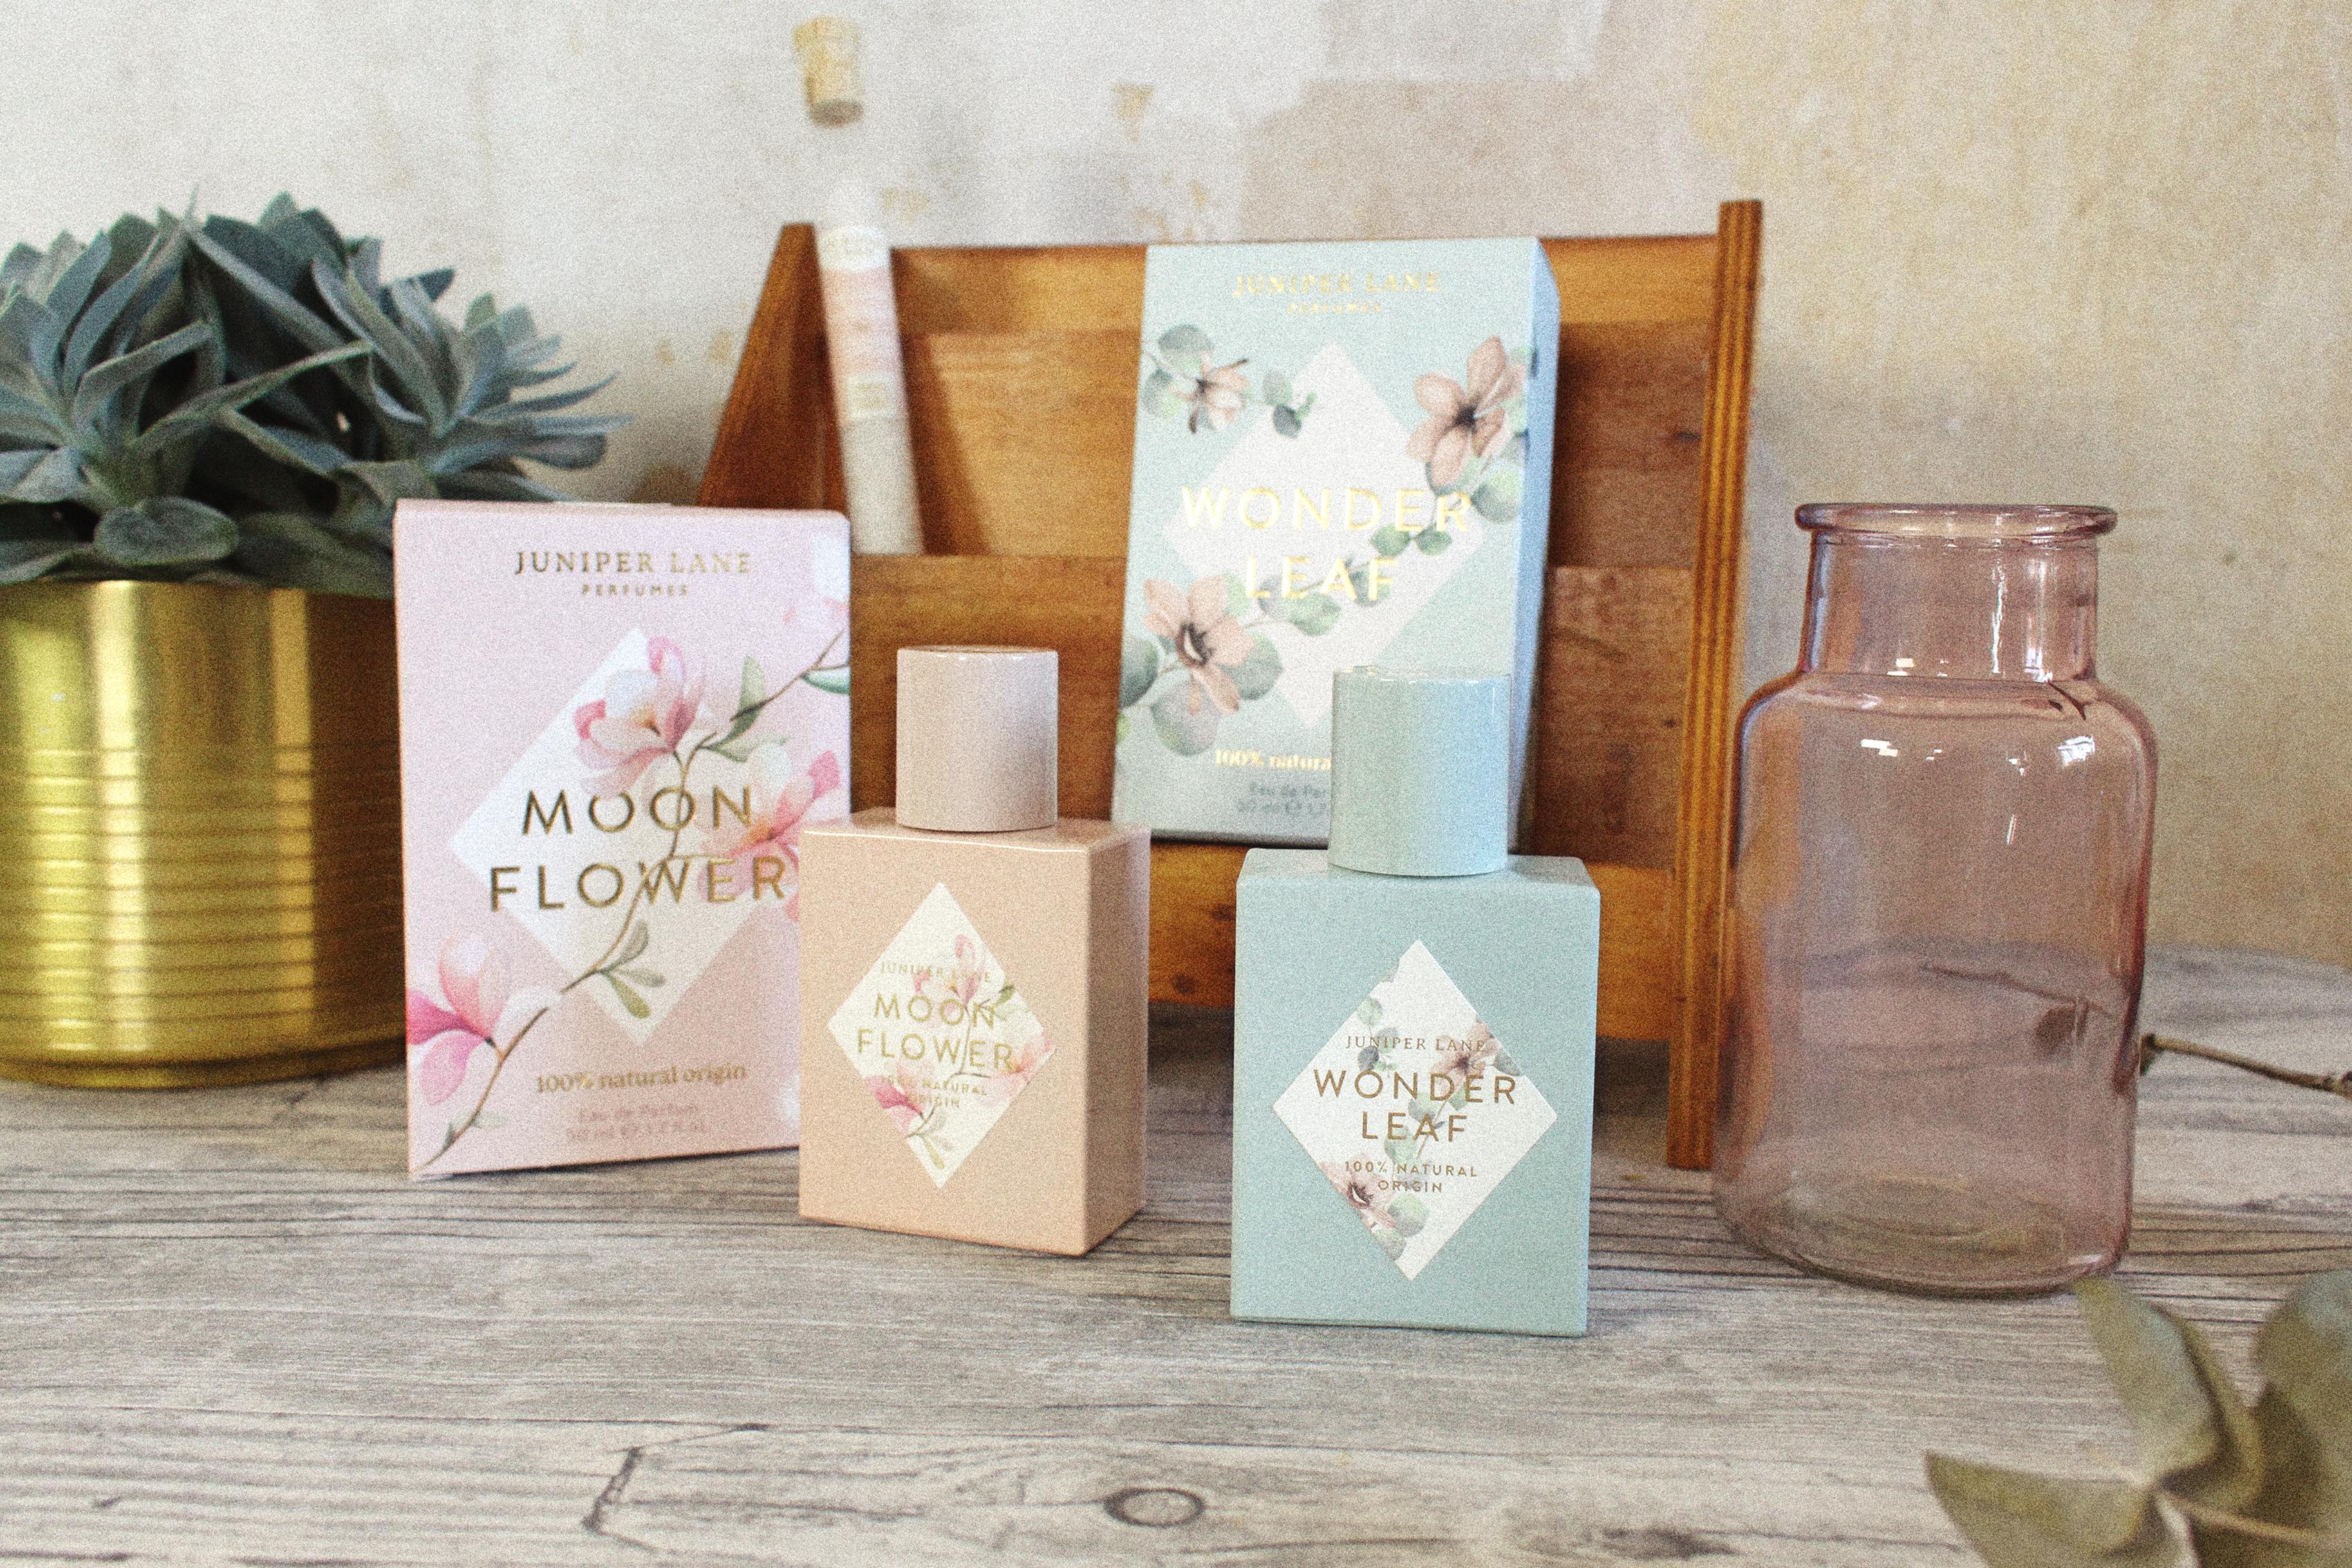 Juniper Lane Parfums Moonflower und Wonderleaf mit Verpackung